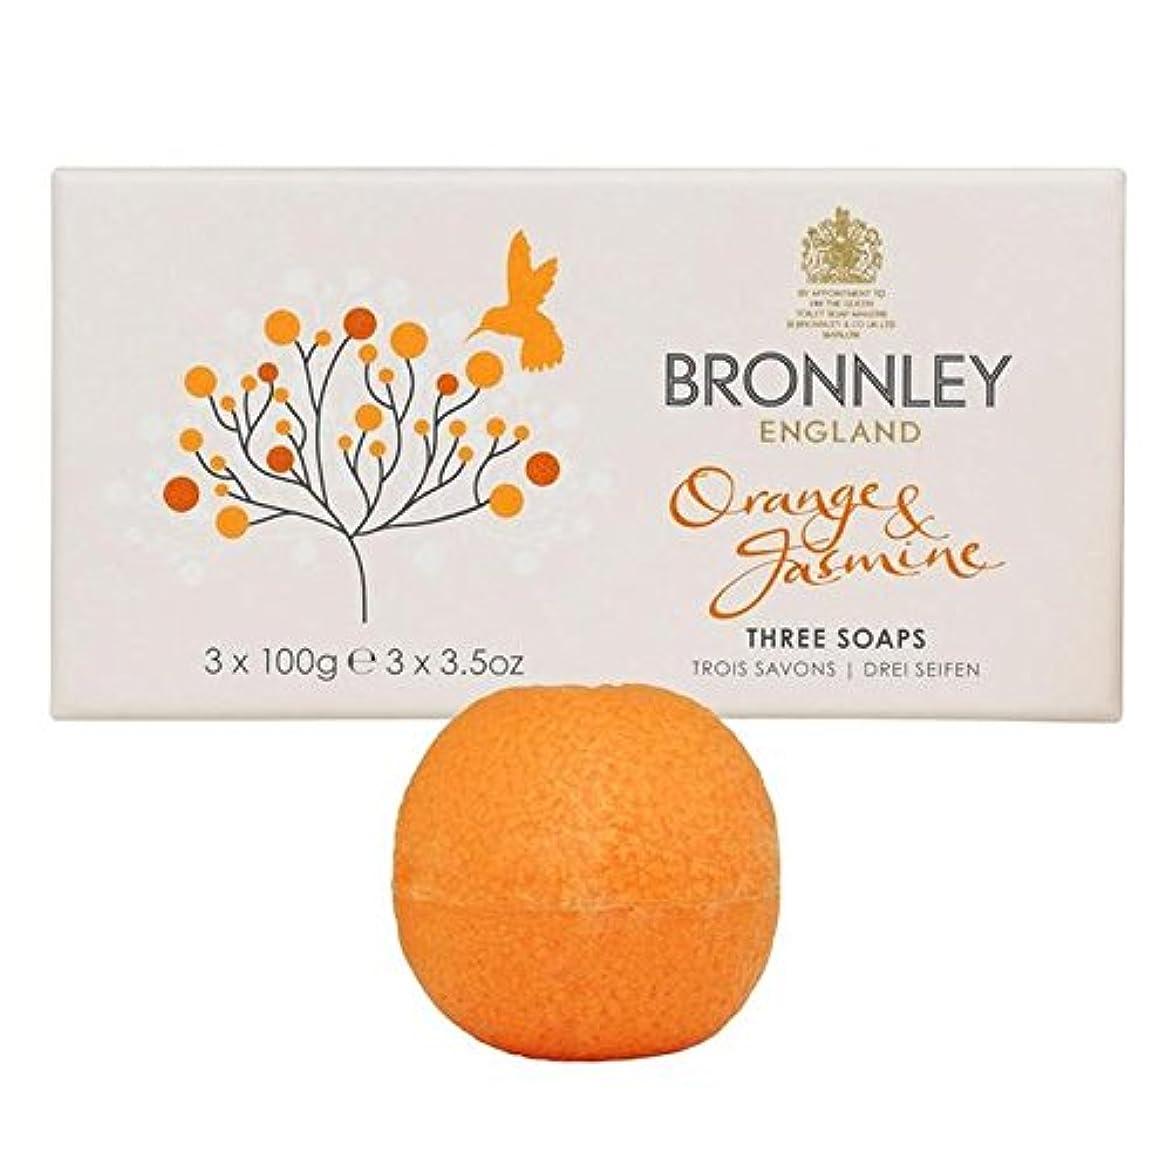 矛盾予算リレーBronnley Orange & Jasmine Soaps 3 x 100g - オレンジ&ジャスミン石鹸3×100グラム [並行輸入品]